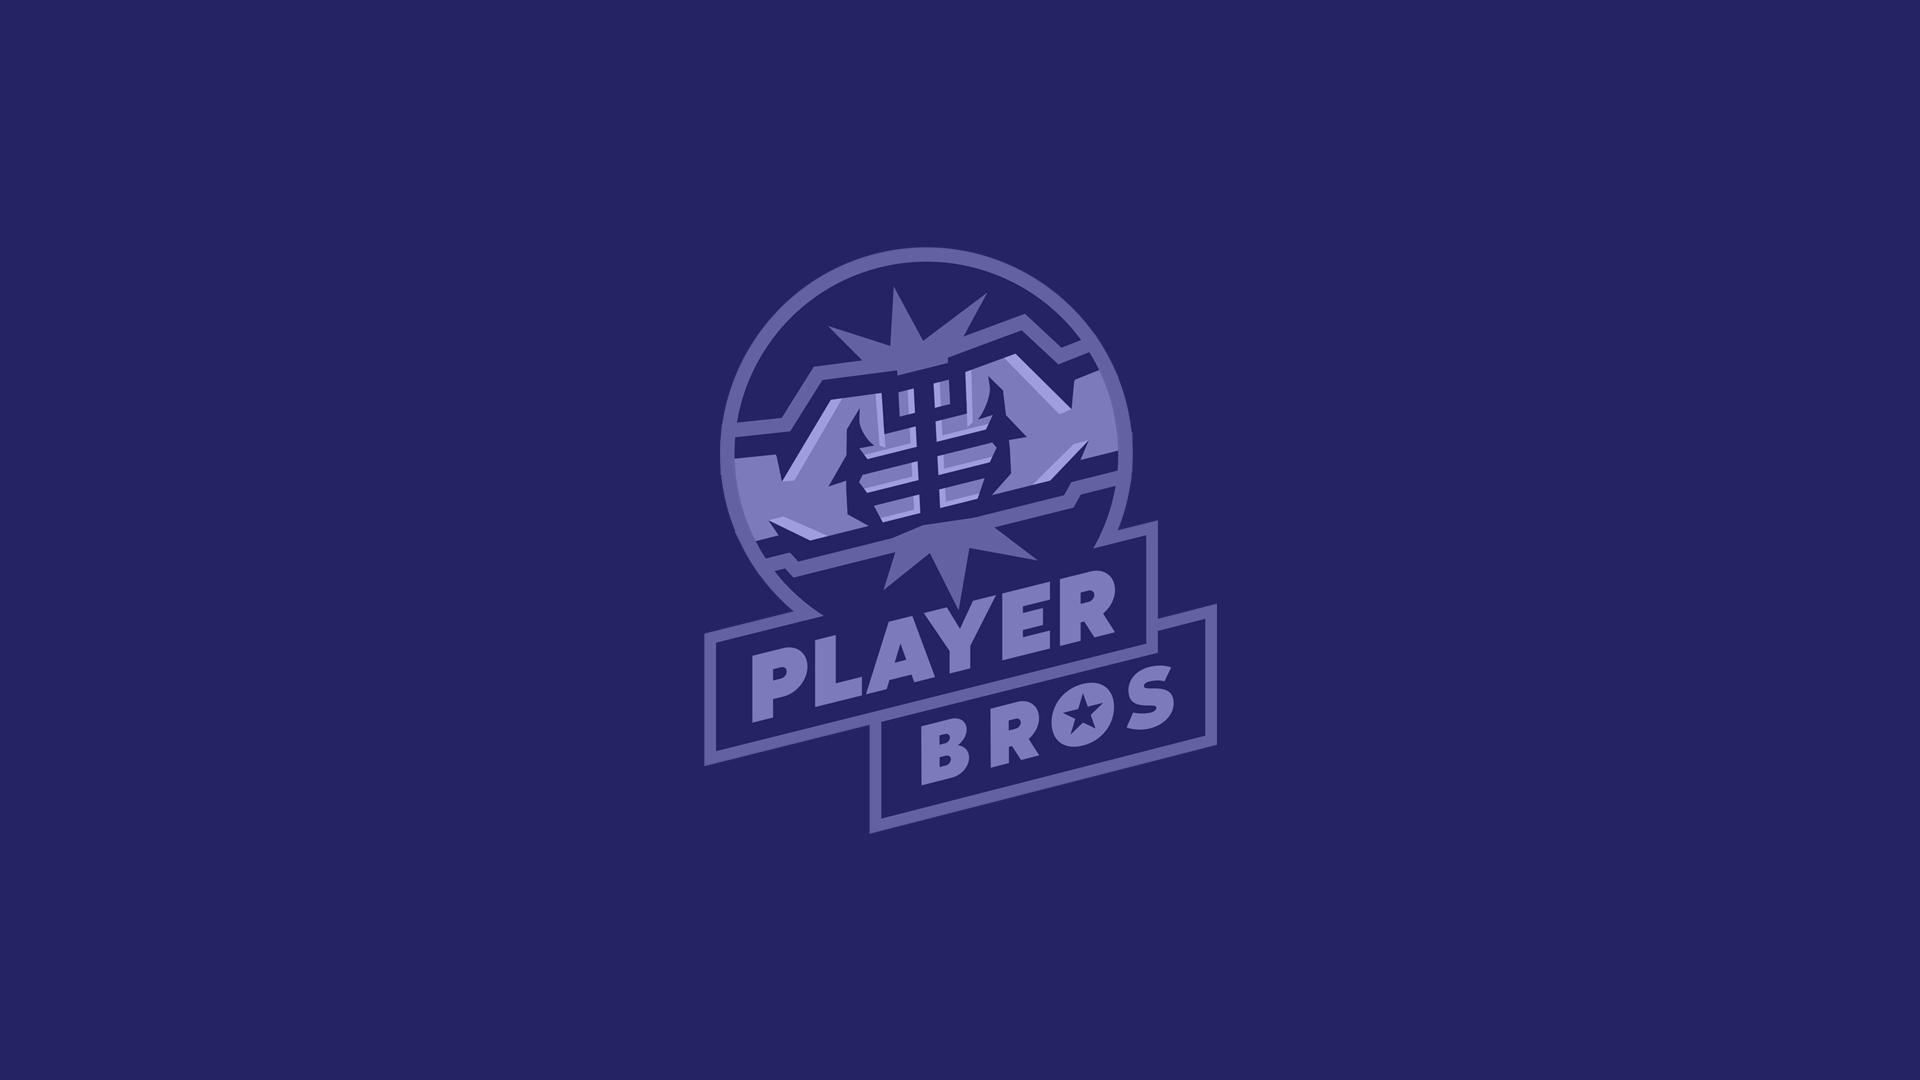 Playerbros içerik ekibi büyüyor!